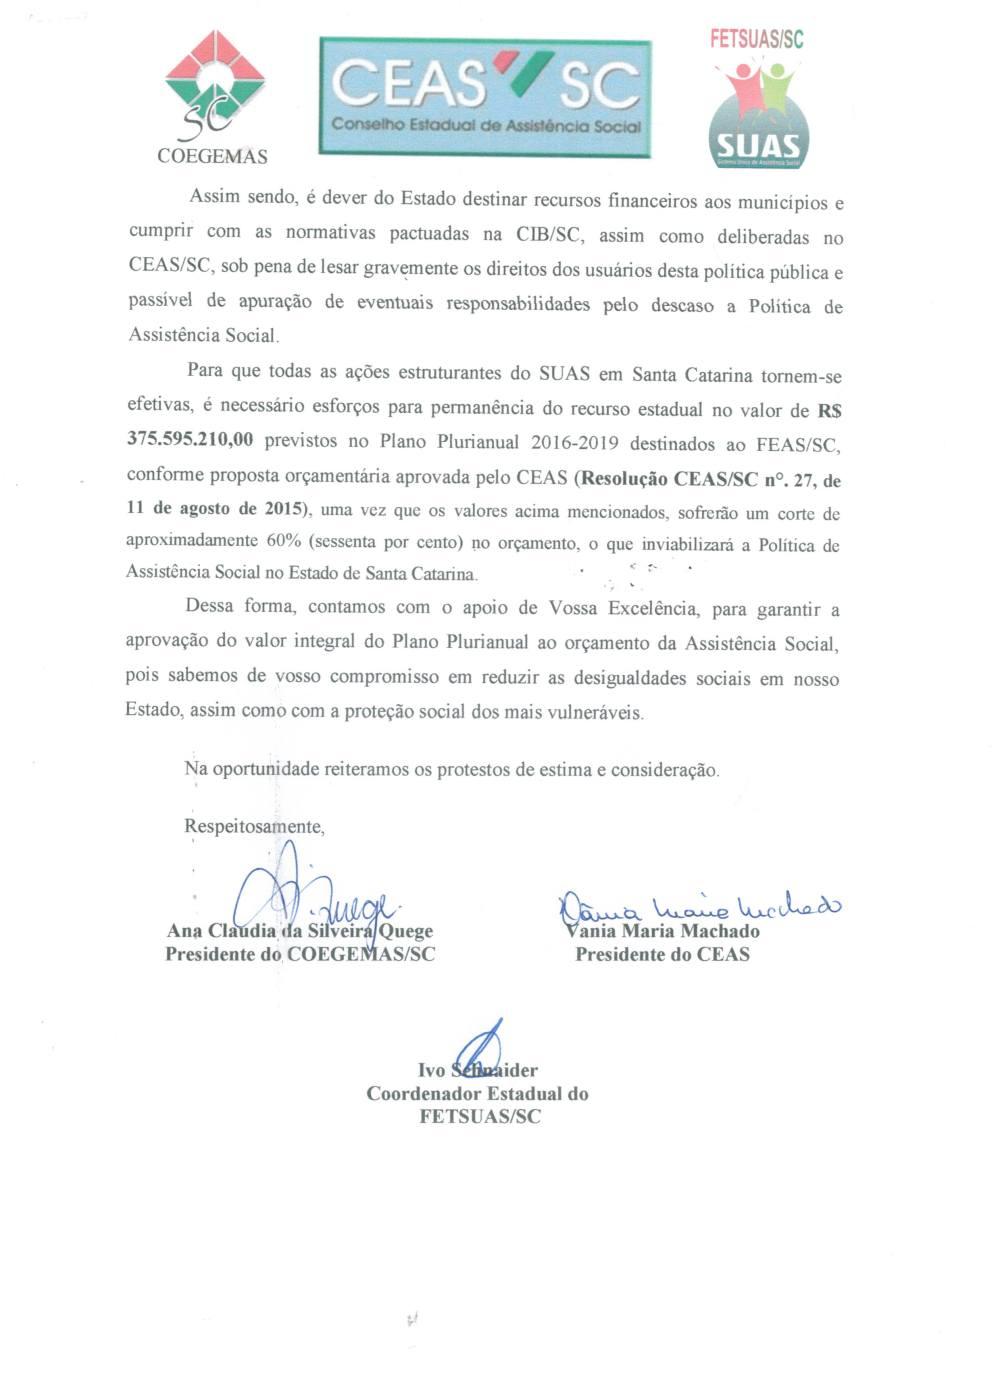 Carta em Defesa do SUAS 3